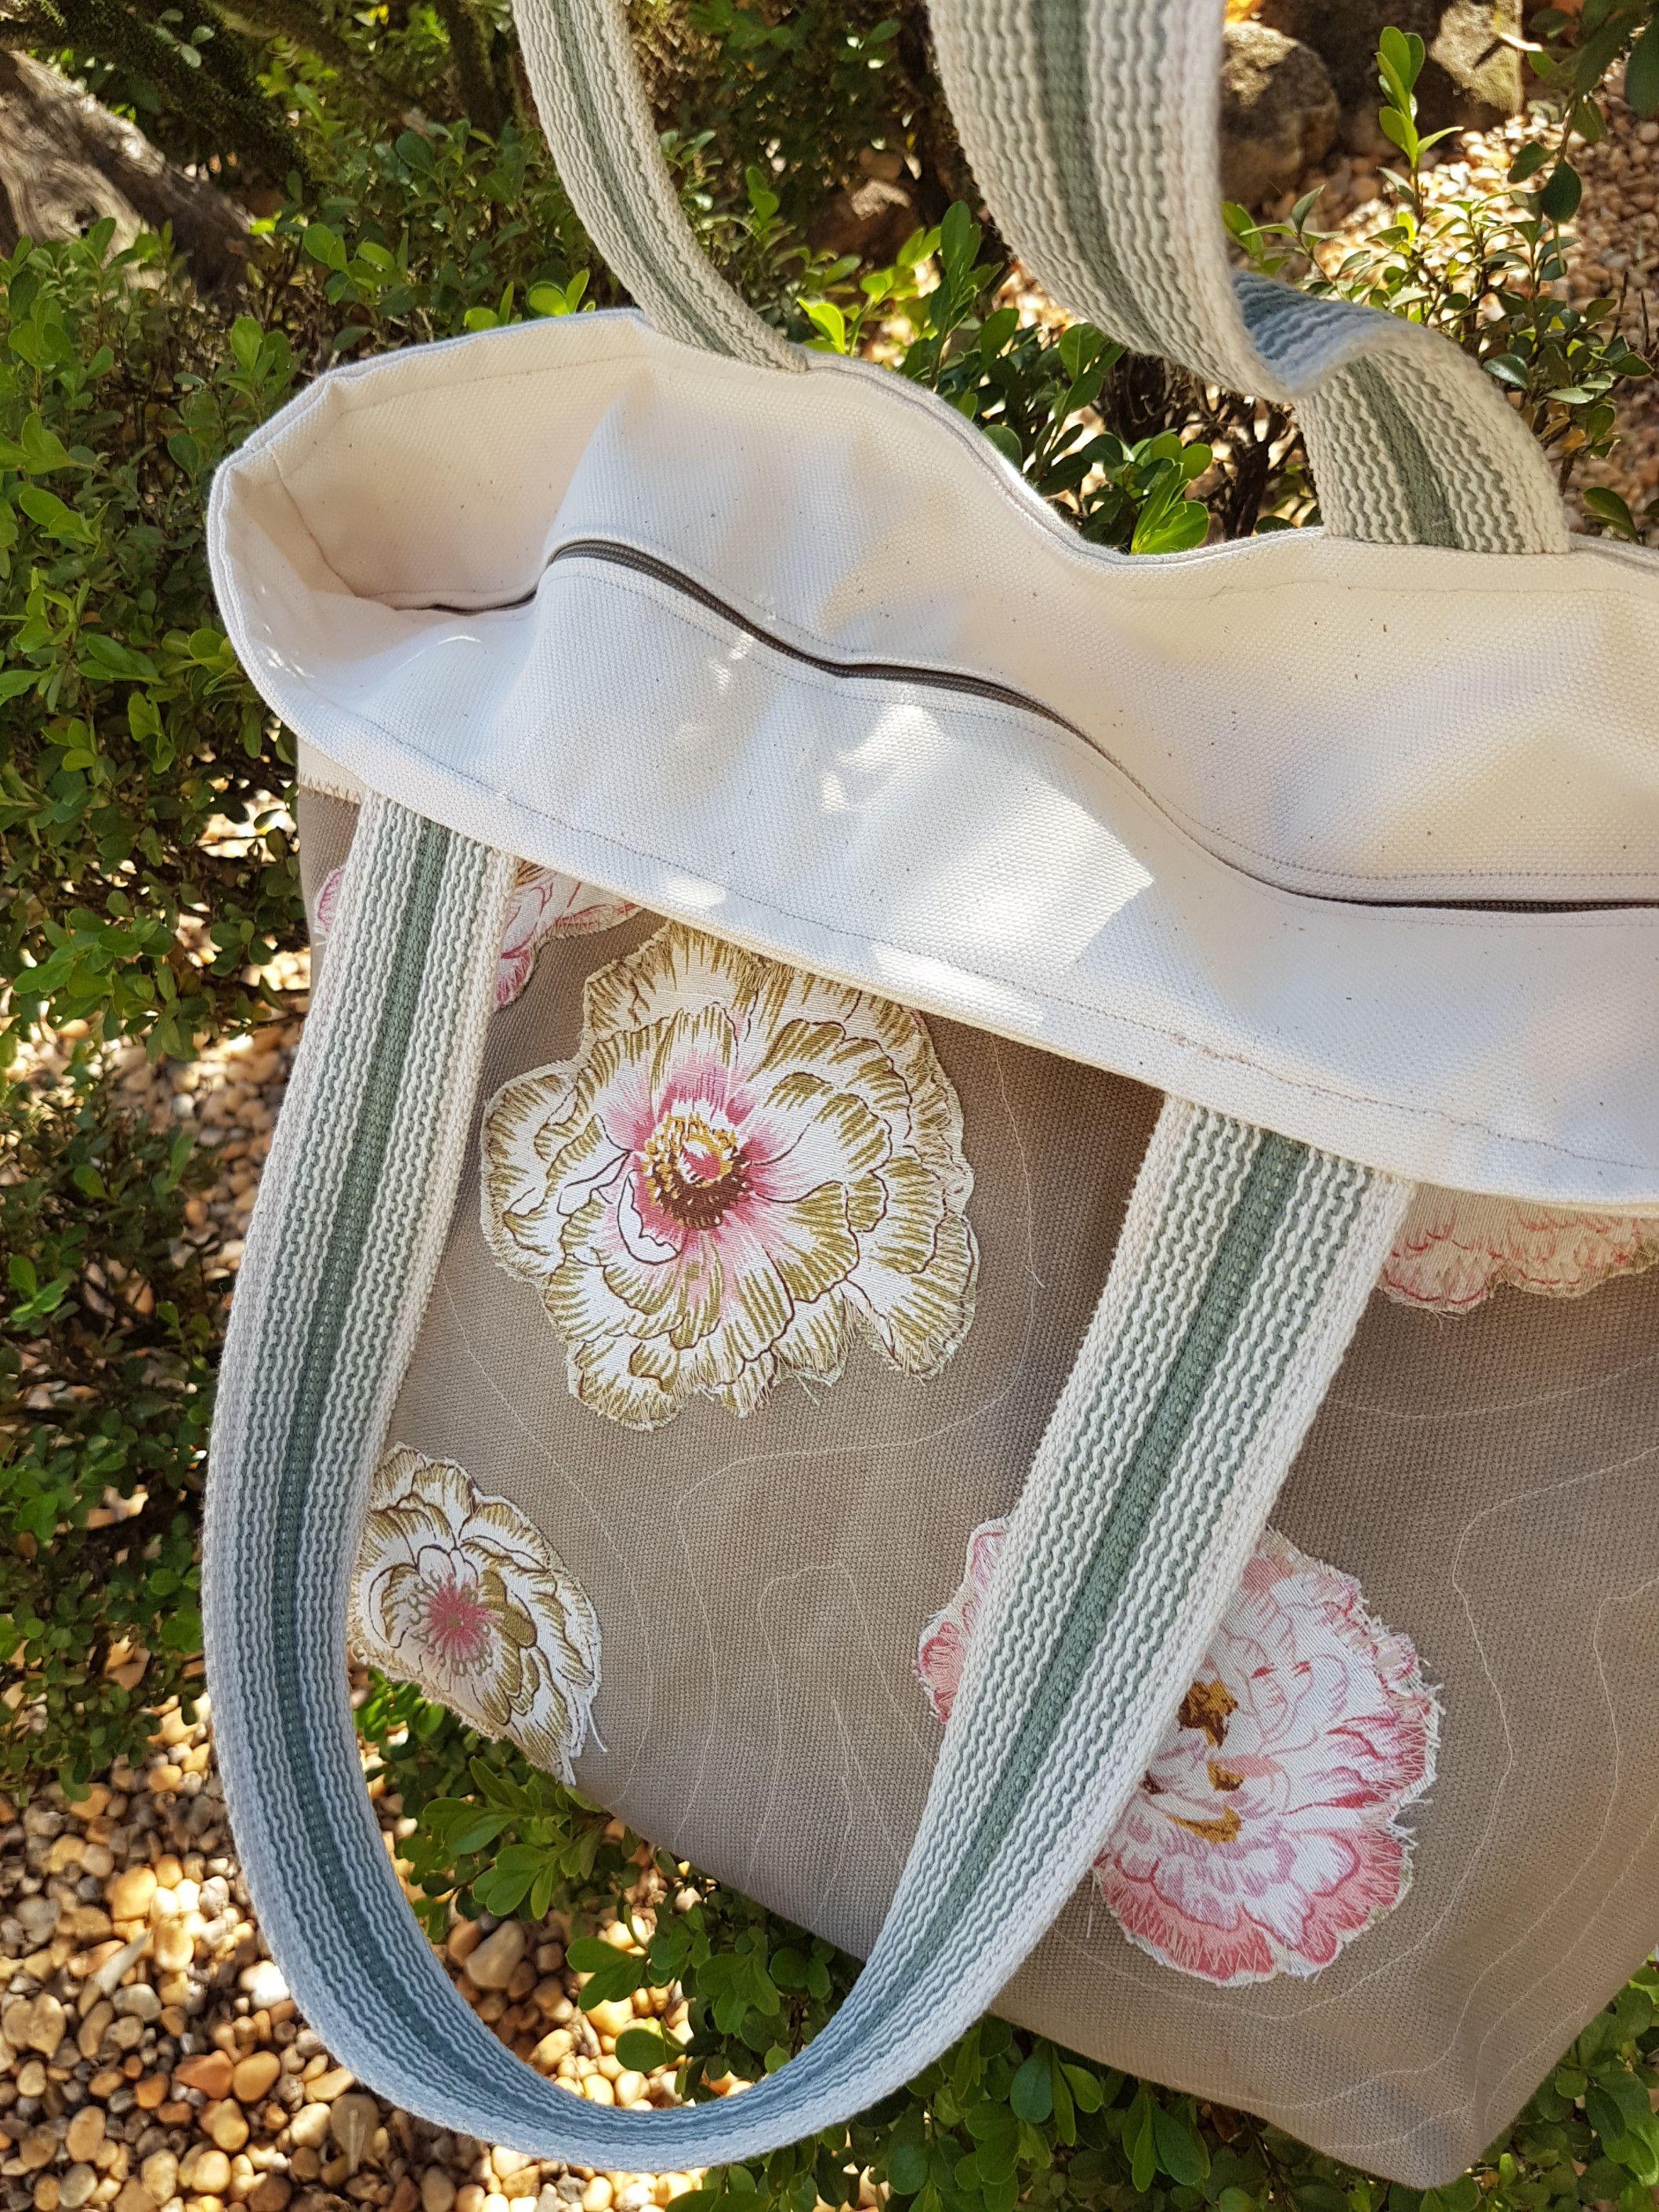 Bolsa de lona feminina. Aplicação em flores. Forrada, com bolso interno e fechamento em ziper. Presente ideal. Dia das mães, professoras